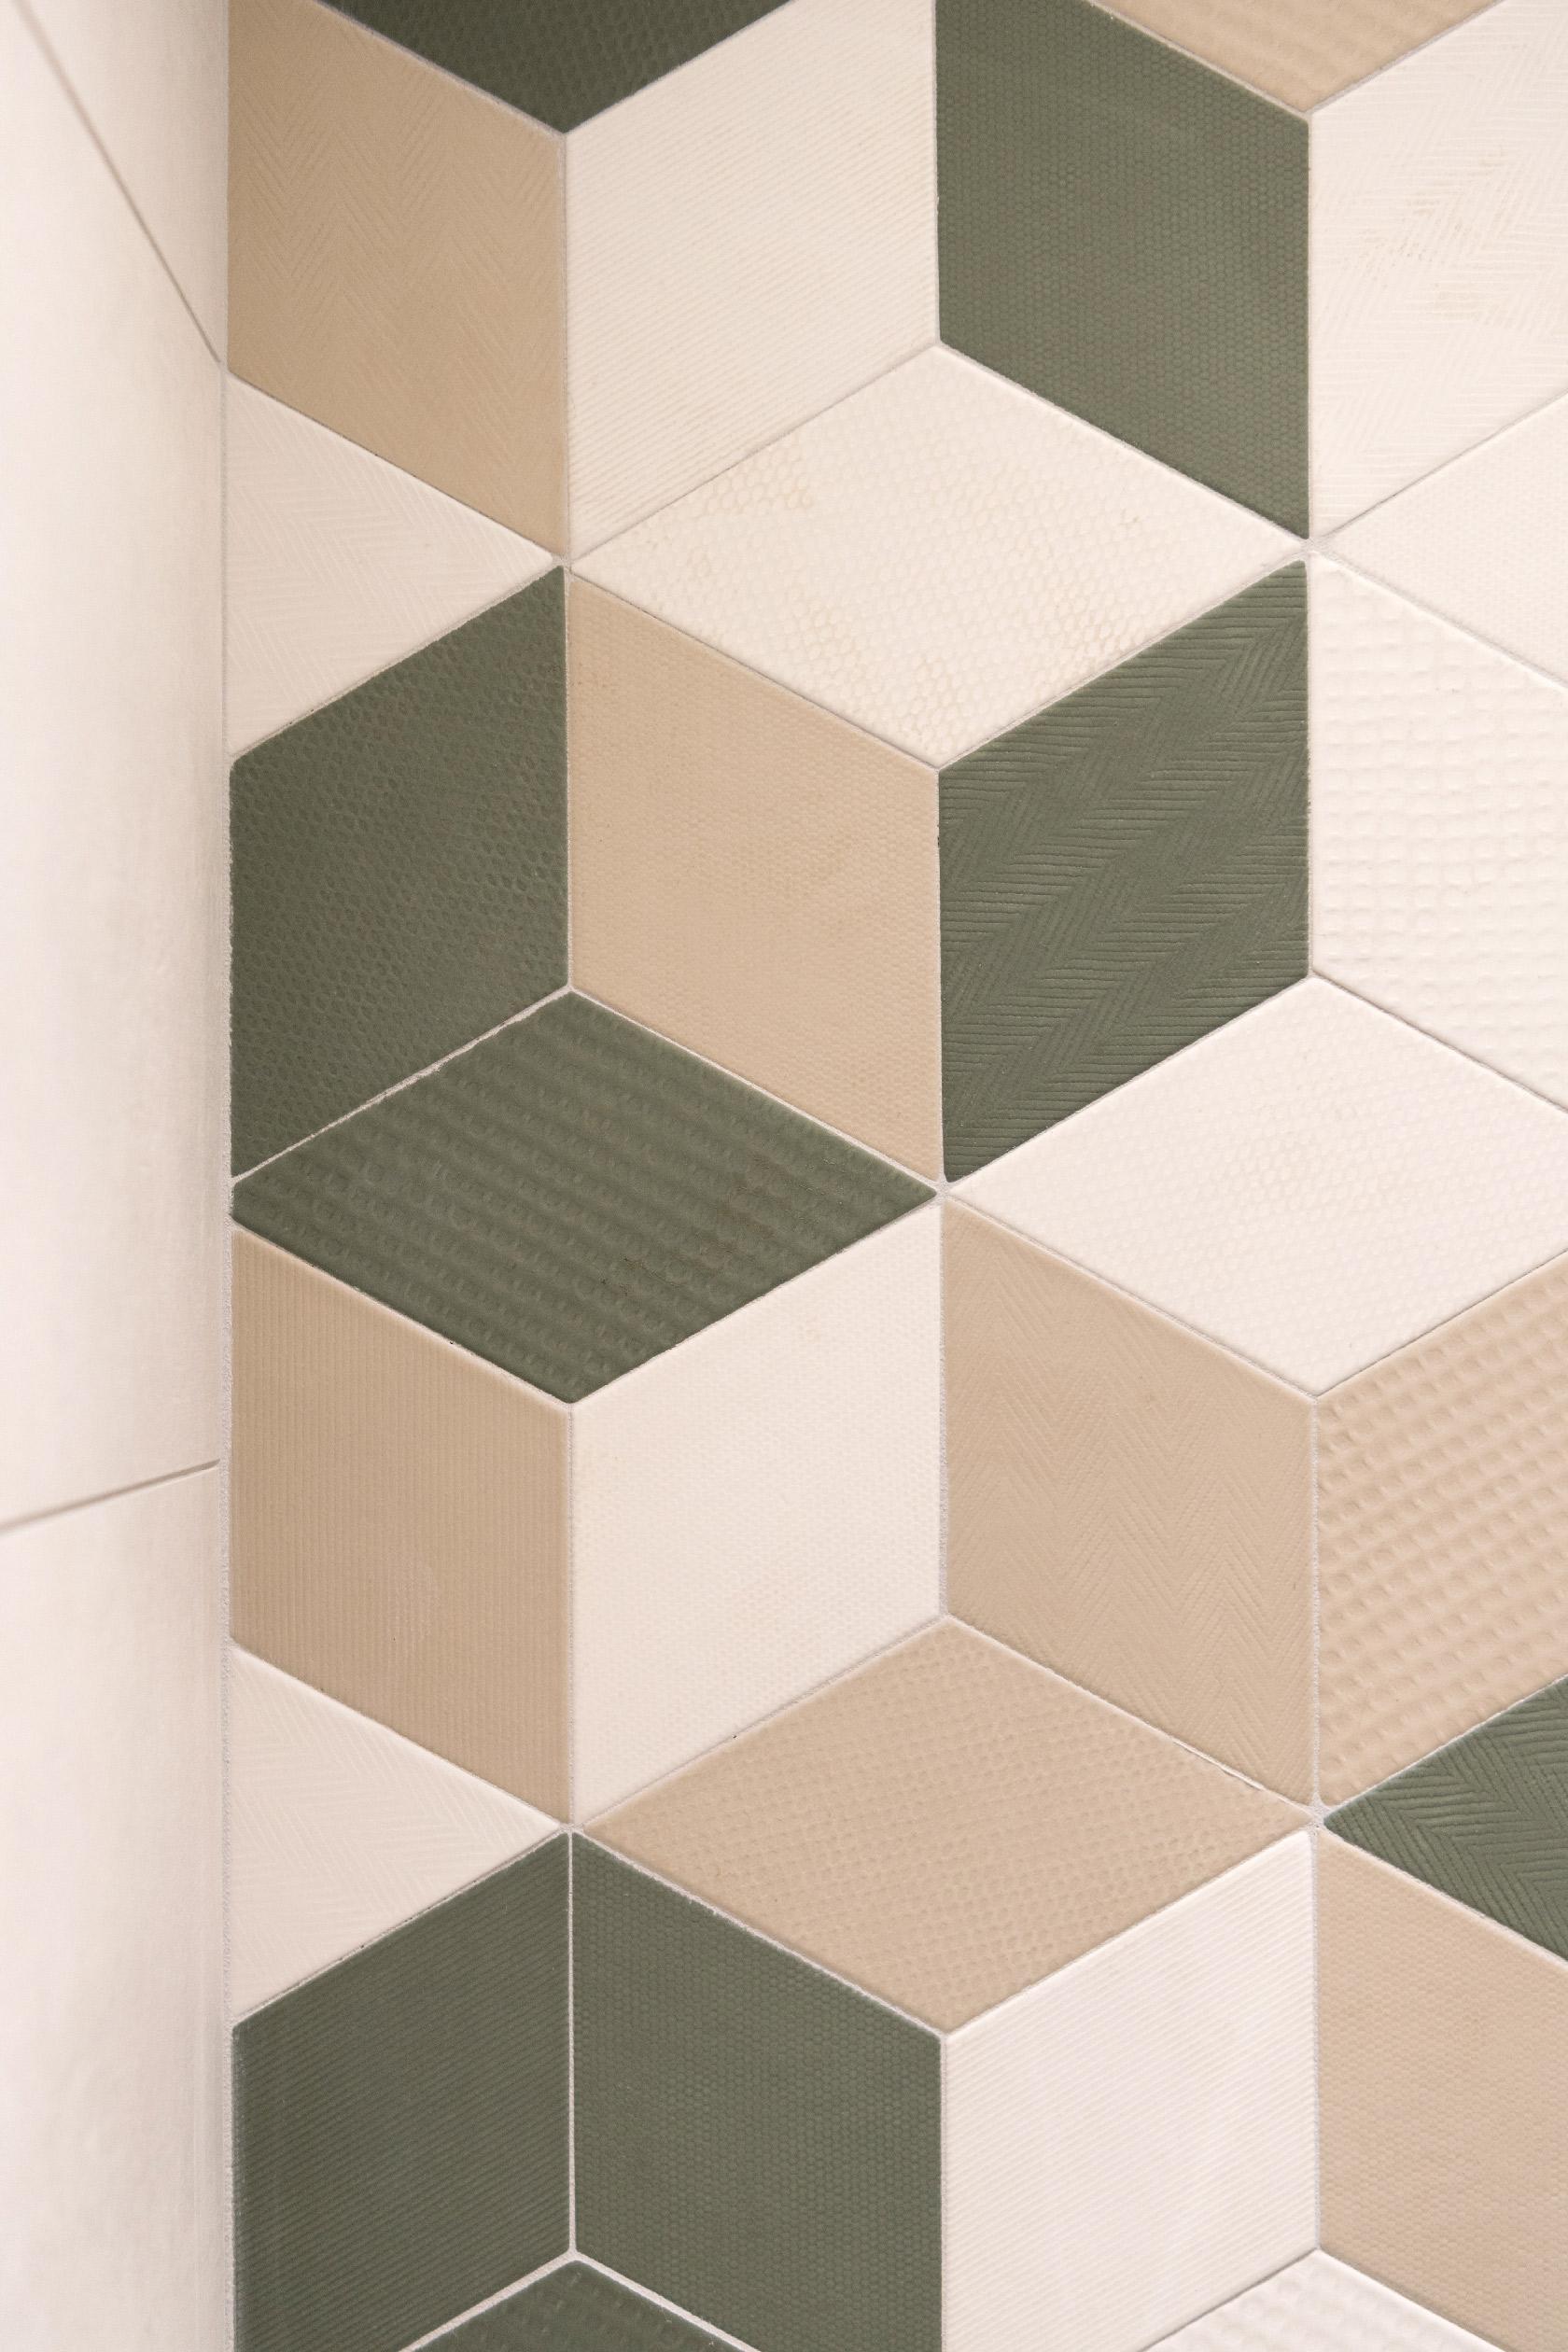 Les losanges du carrelage Mutina Tex se décline dans des teintes de vert, blanc et beige.